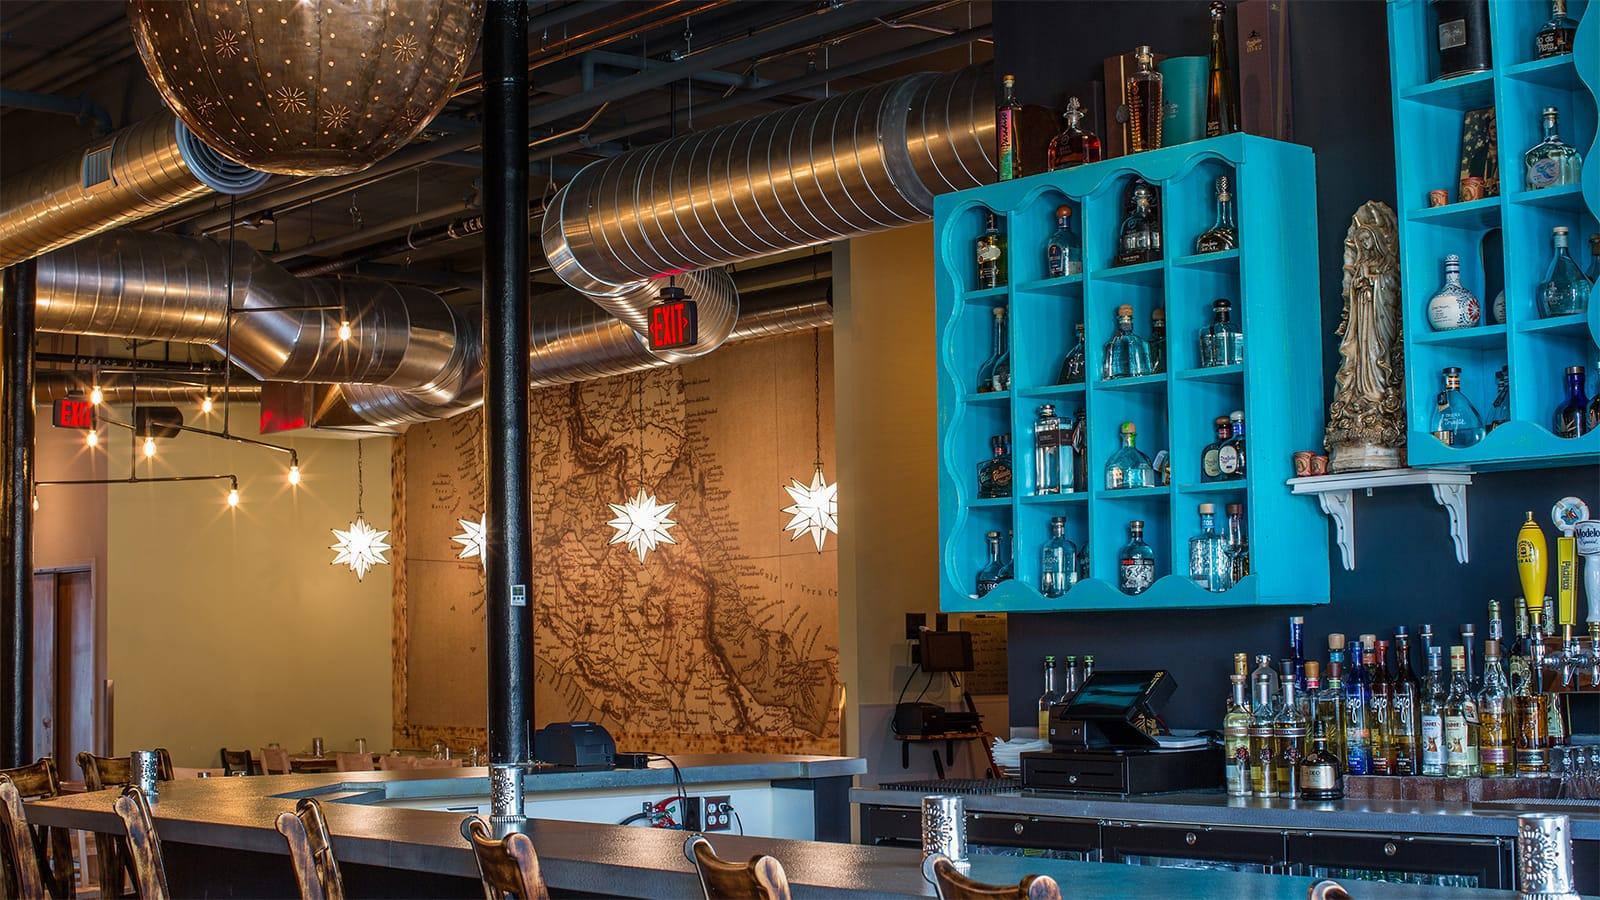 Mula Interior Bar Wall